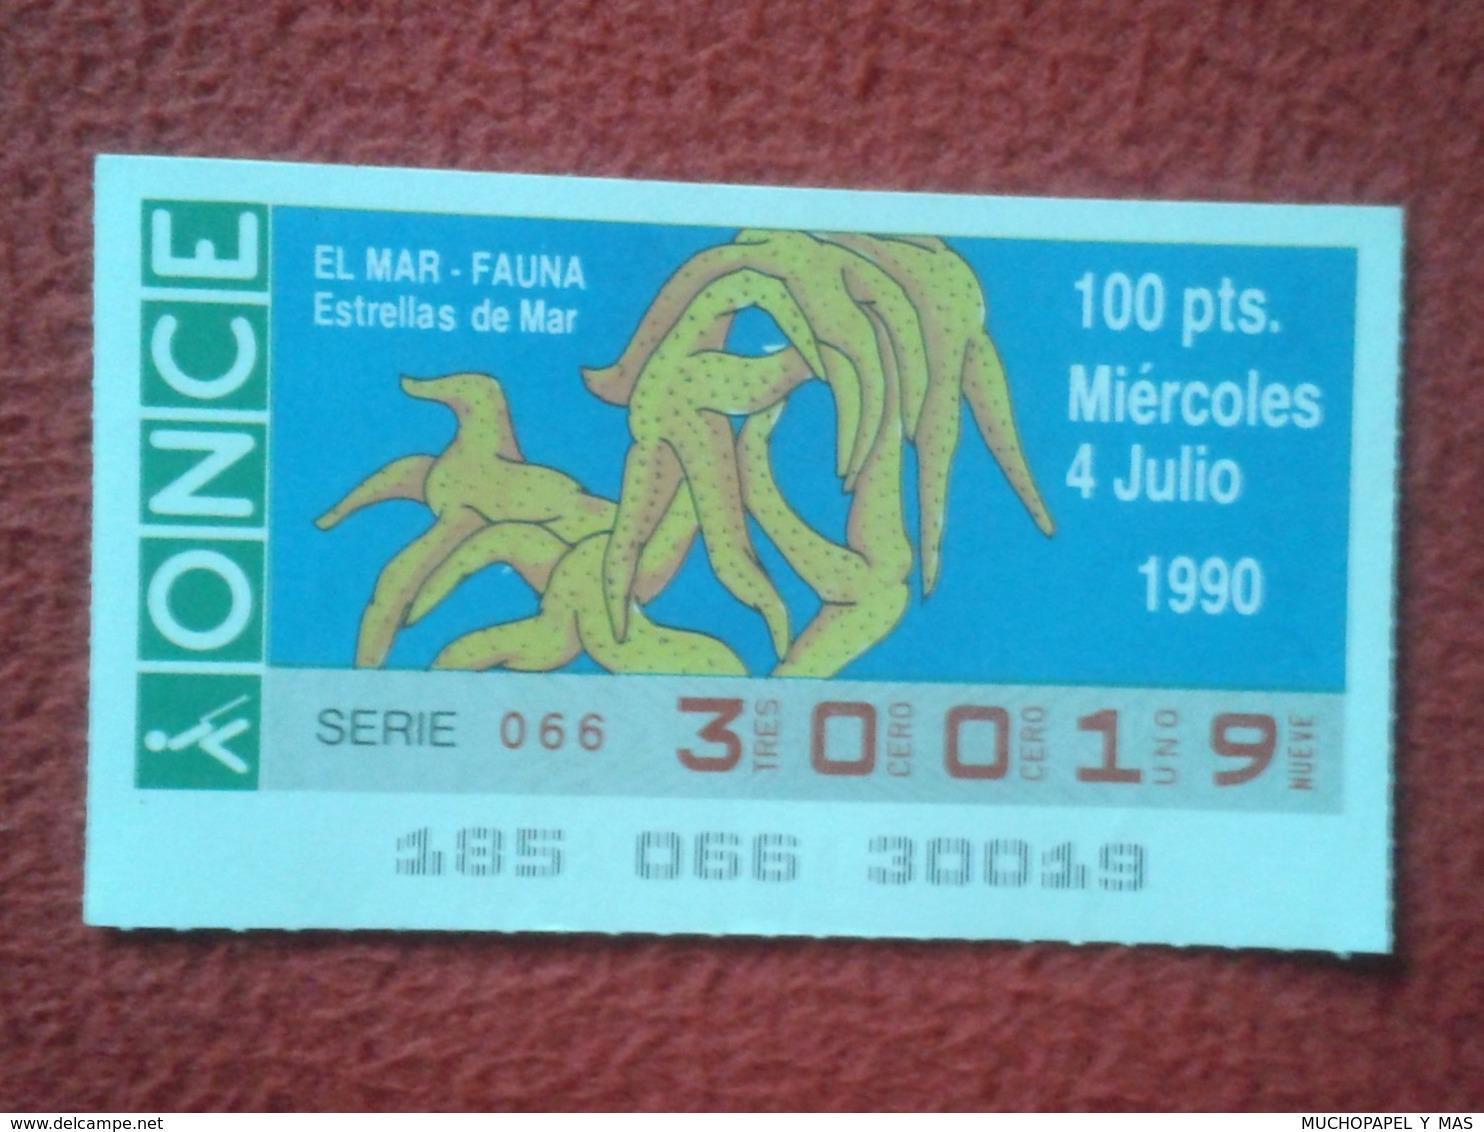 CUPÓN DE ONCE SPANISH LOTTERY CIEGOS SPAIN LOTERÍA 1990 ESTRELLAS MAR ESTRELLA STARFISH MARINA MAR SEA ÉTOILE DE MER.... - Billetes De Lotería